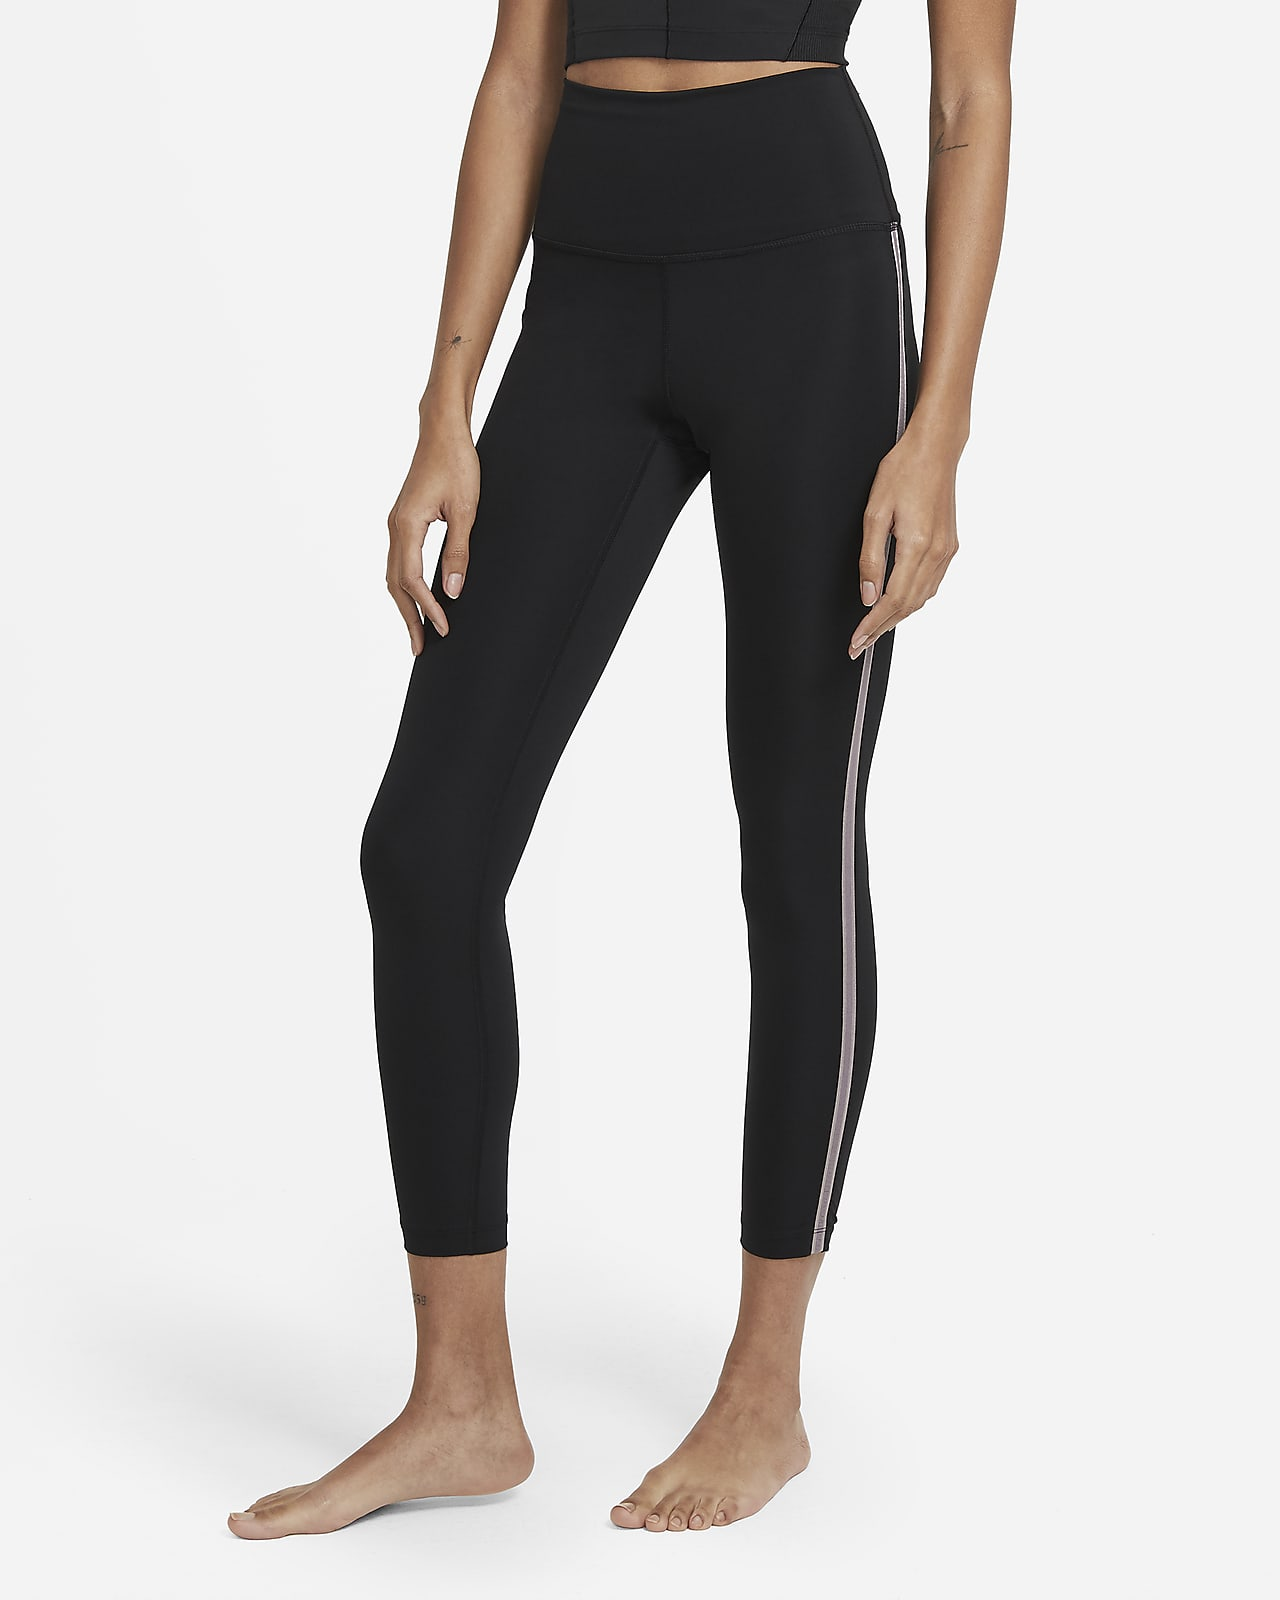 Nike Yoga Women's High-Waisted 7/8 Novelty Leggings